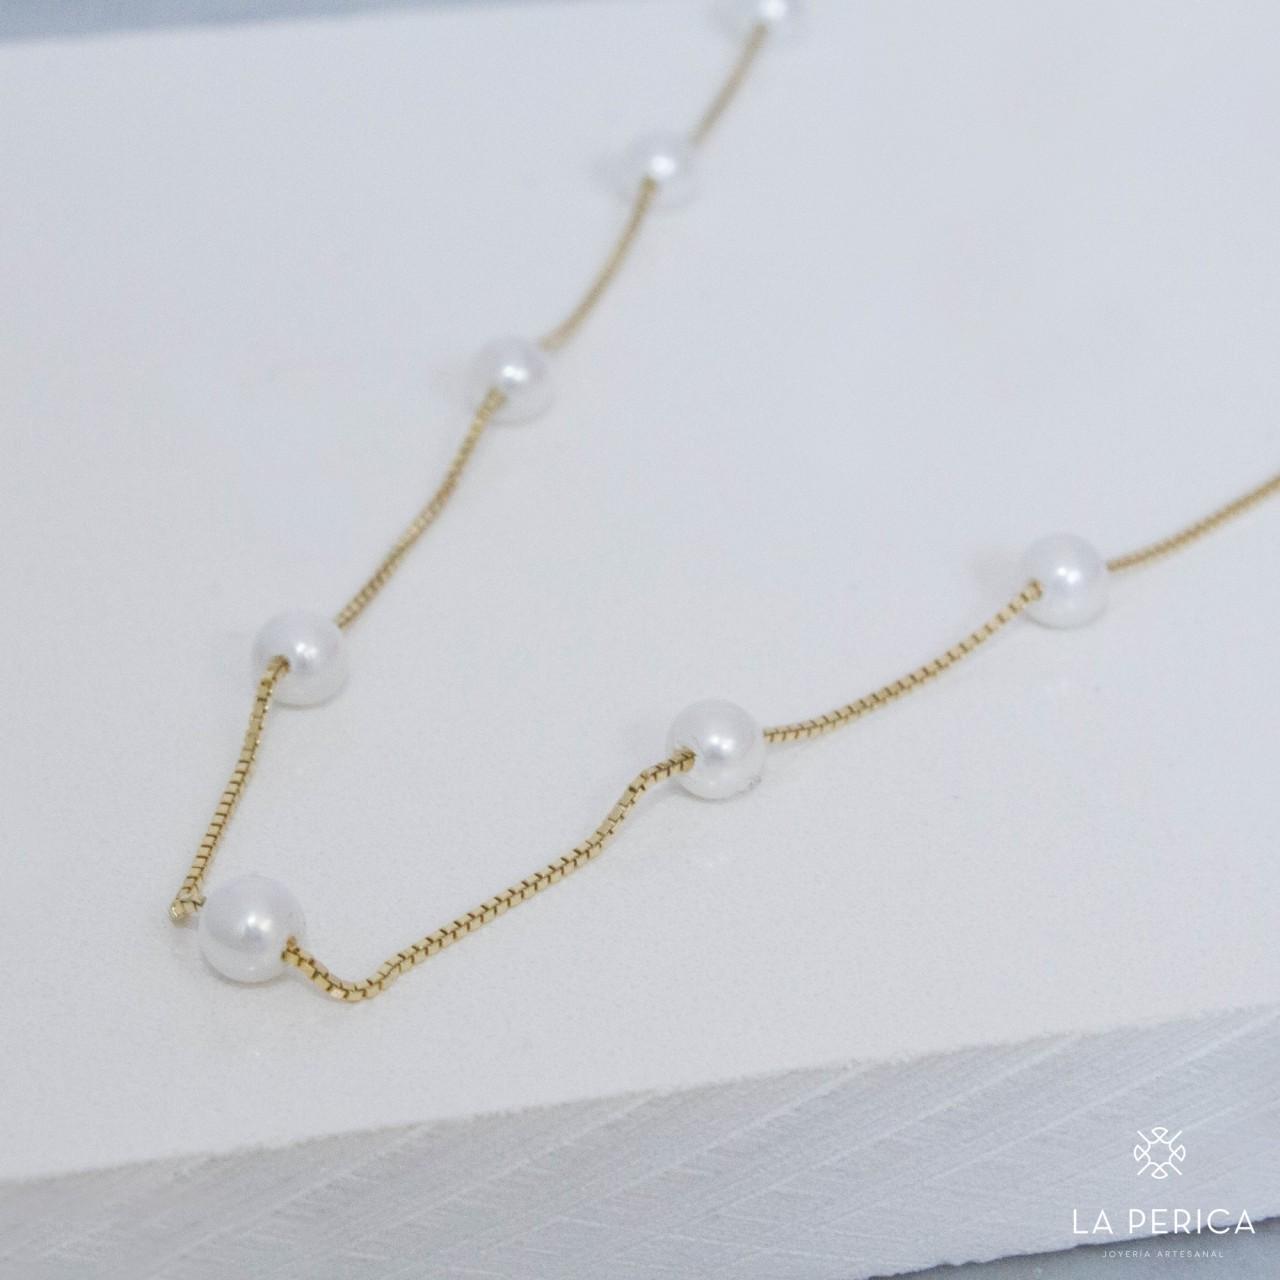 bf5039d962f4 Collar con perlas (Plata enchapada en oro)